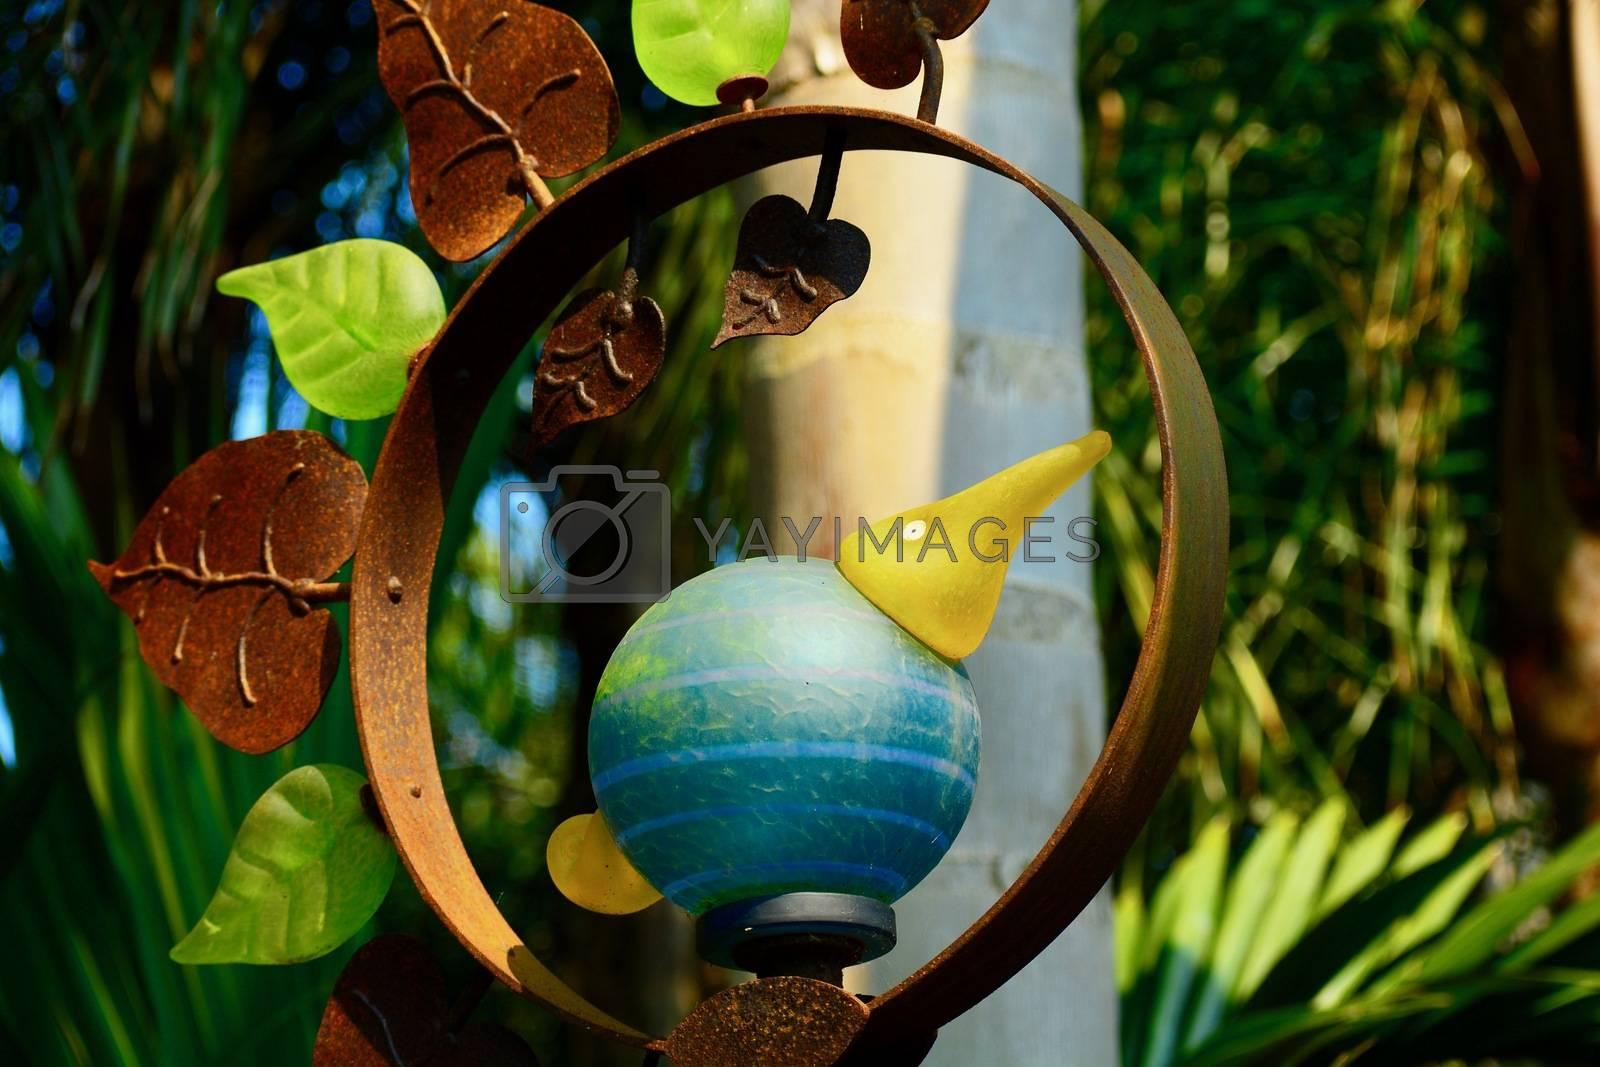 Garden sculpture, glass and metal, a glass bird